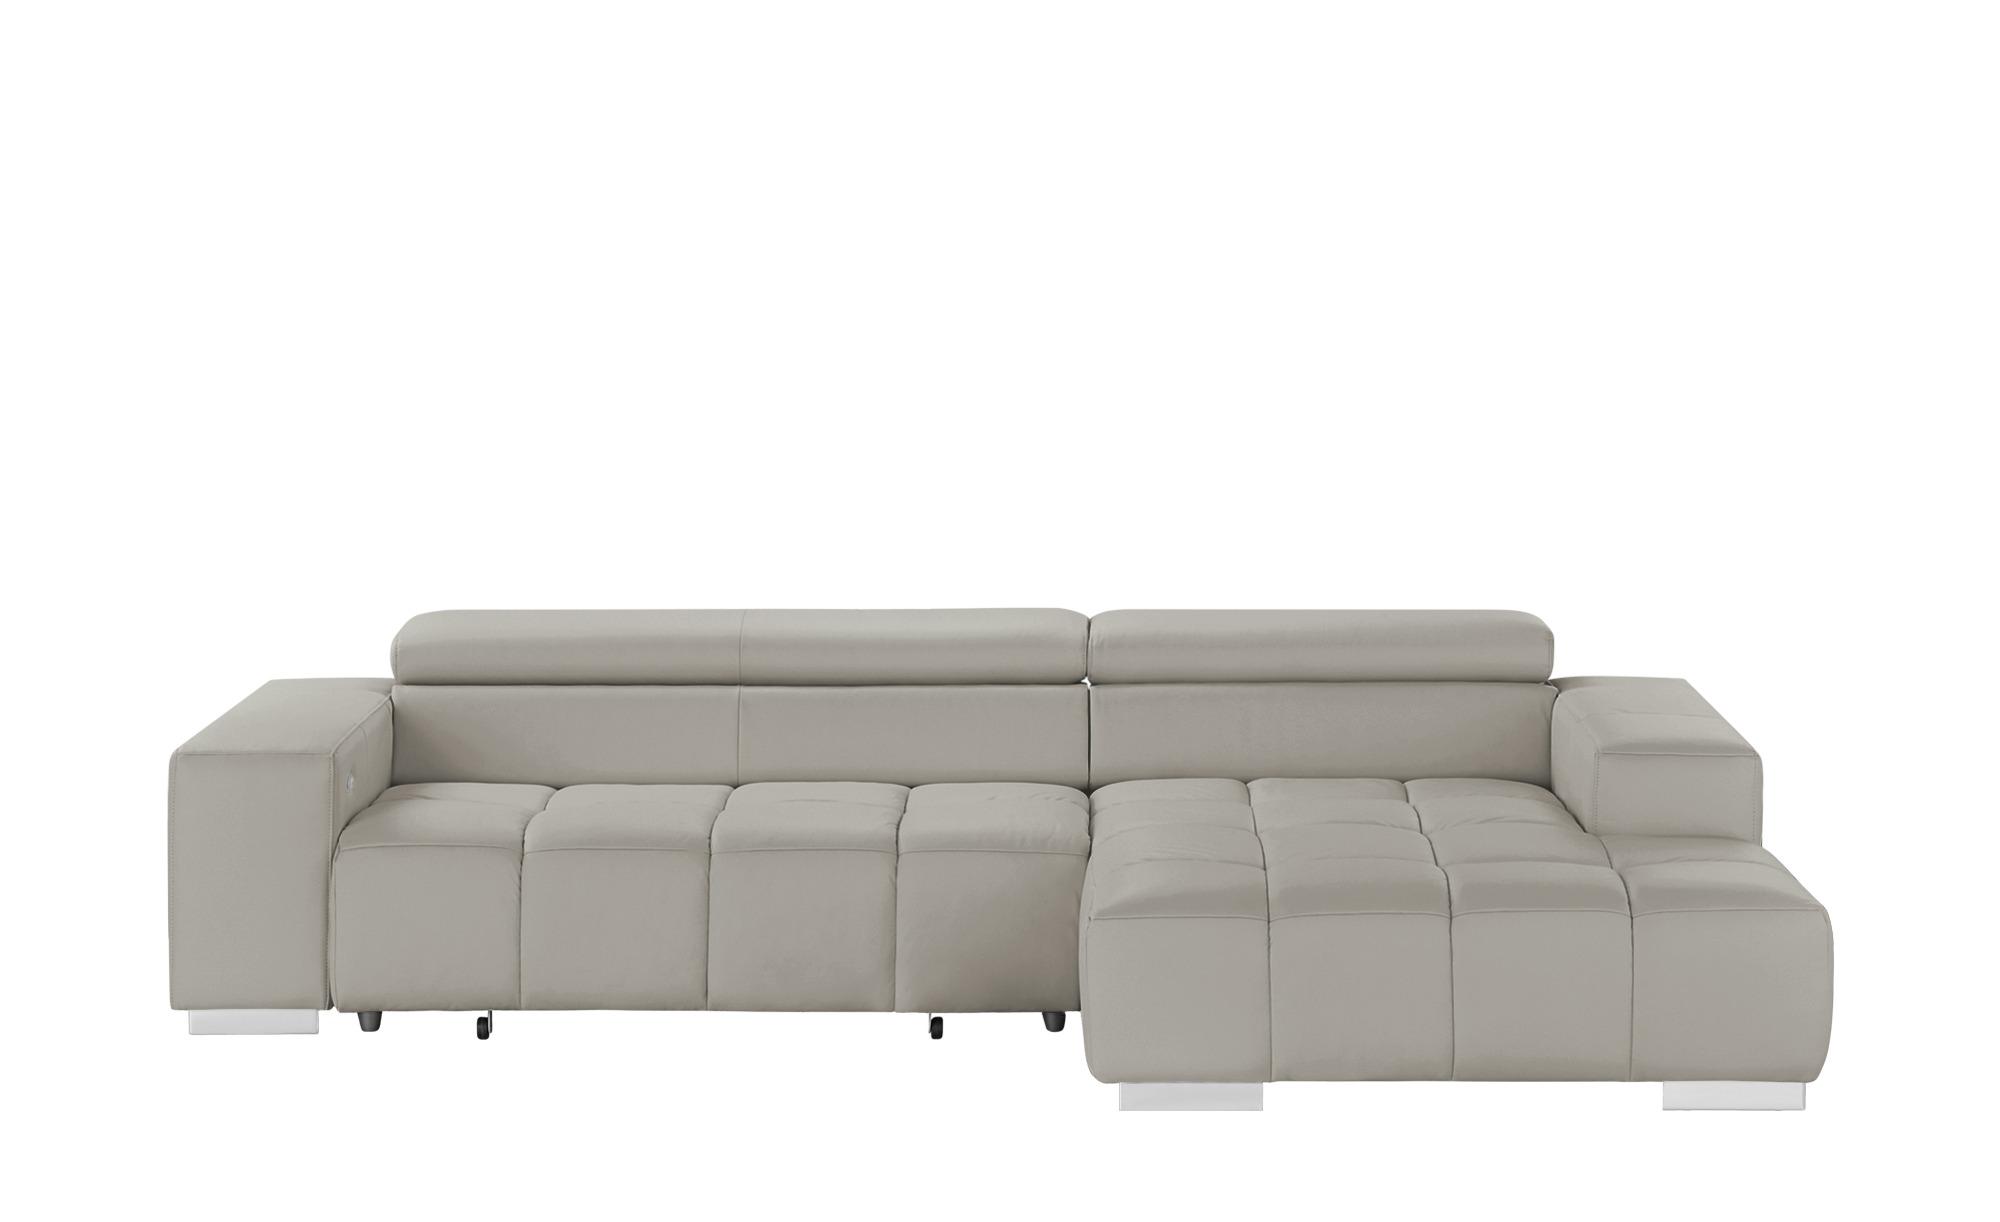 Ecksofa origo breite h he 70 cm grau online kaufen bei for Ecksofa 2 70